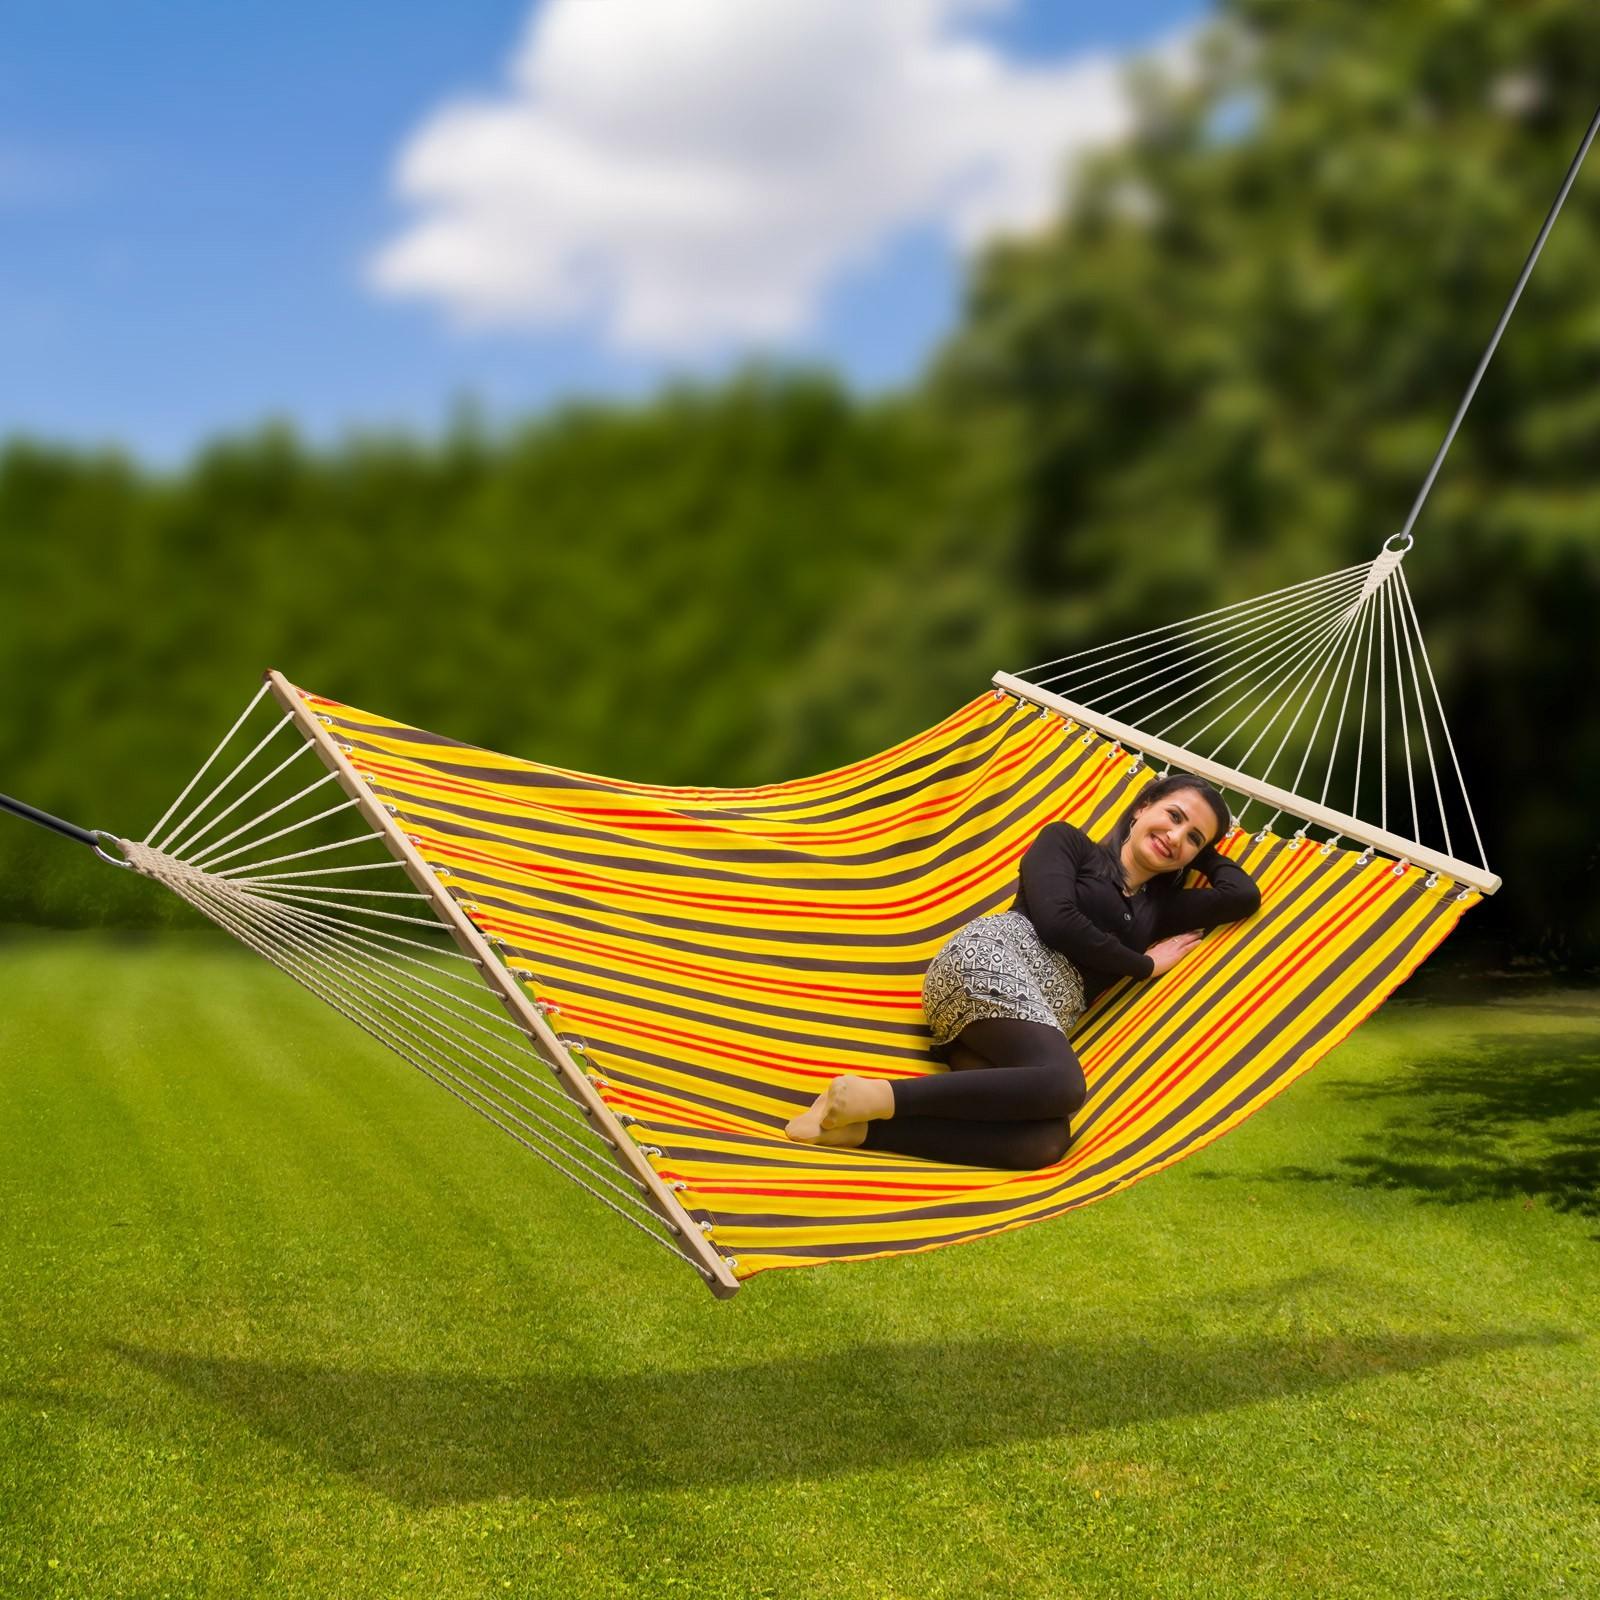 h ngematte h ngeliege santo domingo 150 kg tragkraft 140 cm breit. Black Bedroom Furniture Sets. Home Design Ideas